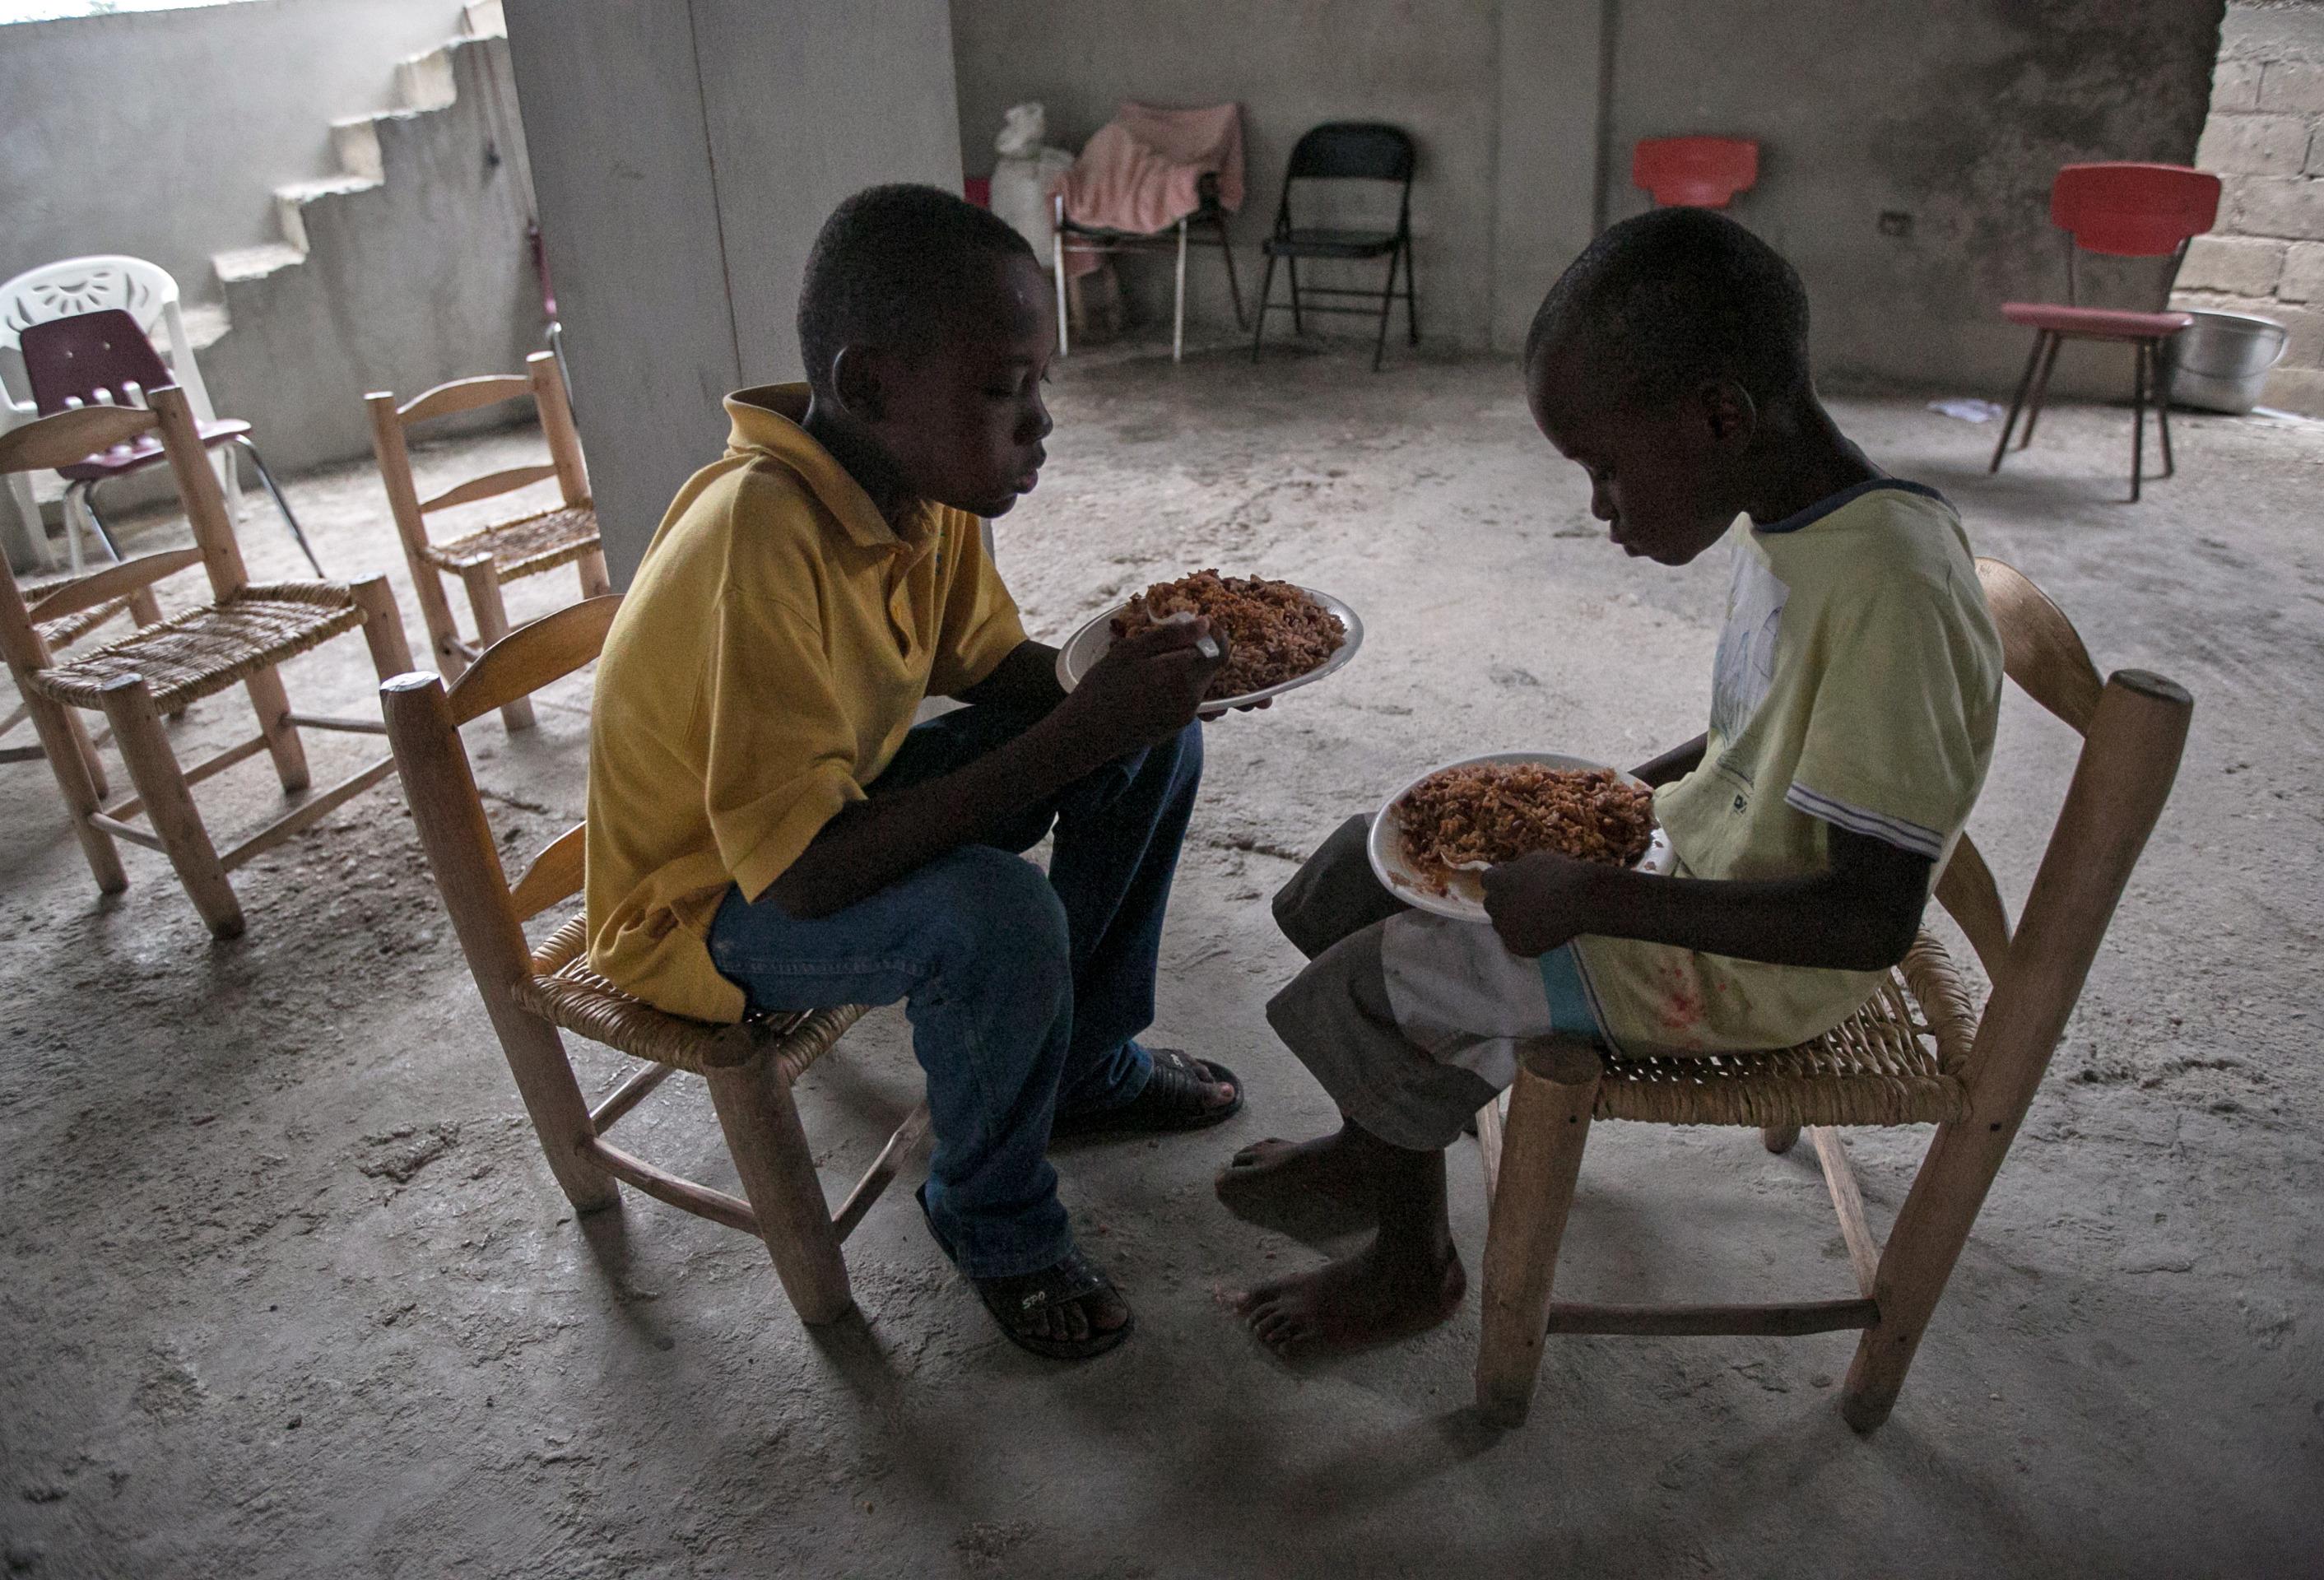 """(161006) -- PUERTO PRINCIPE, octubre 6, 2016 (Xinhua) -- Imagen cedida por el Fondo de Naciones Unidas para la Infancia (UNICEF, por sus siglas en inglés) del 3 de octubre de 2016 de dos niños alimentándose en una iglesia utilizada como refugio temporal antes del paso del huracán """"Matthew"""", en el barrio de Croix des Bouquets, en el este de la ciudad de Puerto Príncipe, capital de Haití. El huracán """"Matthew"""" de categoría 4, afectó el martes Haití desplazándose con vientos de hasta 320km por hora, destruyendo viviendas y caminos y arrancando árboles. El huracán """"Matthew"""" ha dejado al menos 108 muertos en Haití, informó el jueves el ministro haitiano de Interior, Francois Anick Joseph. (Xinhua/UNICEF) (jg) (ce) ***CREDITO OBLIGATORIO*** ***NO ARCHIVO-NO VENTAS*** ***SOLO USO EDITORIAL***"""